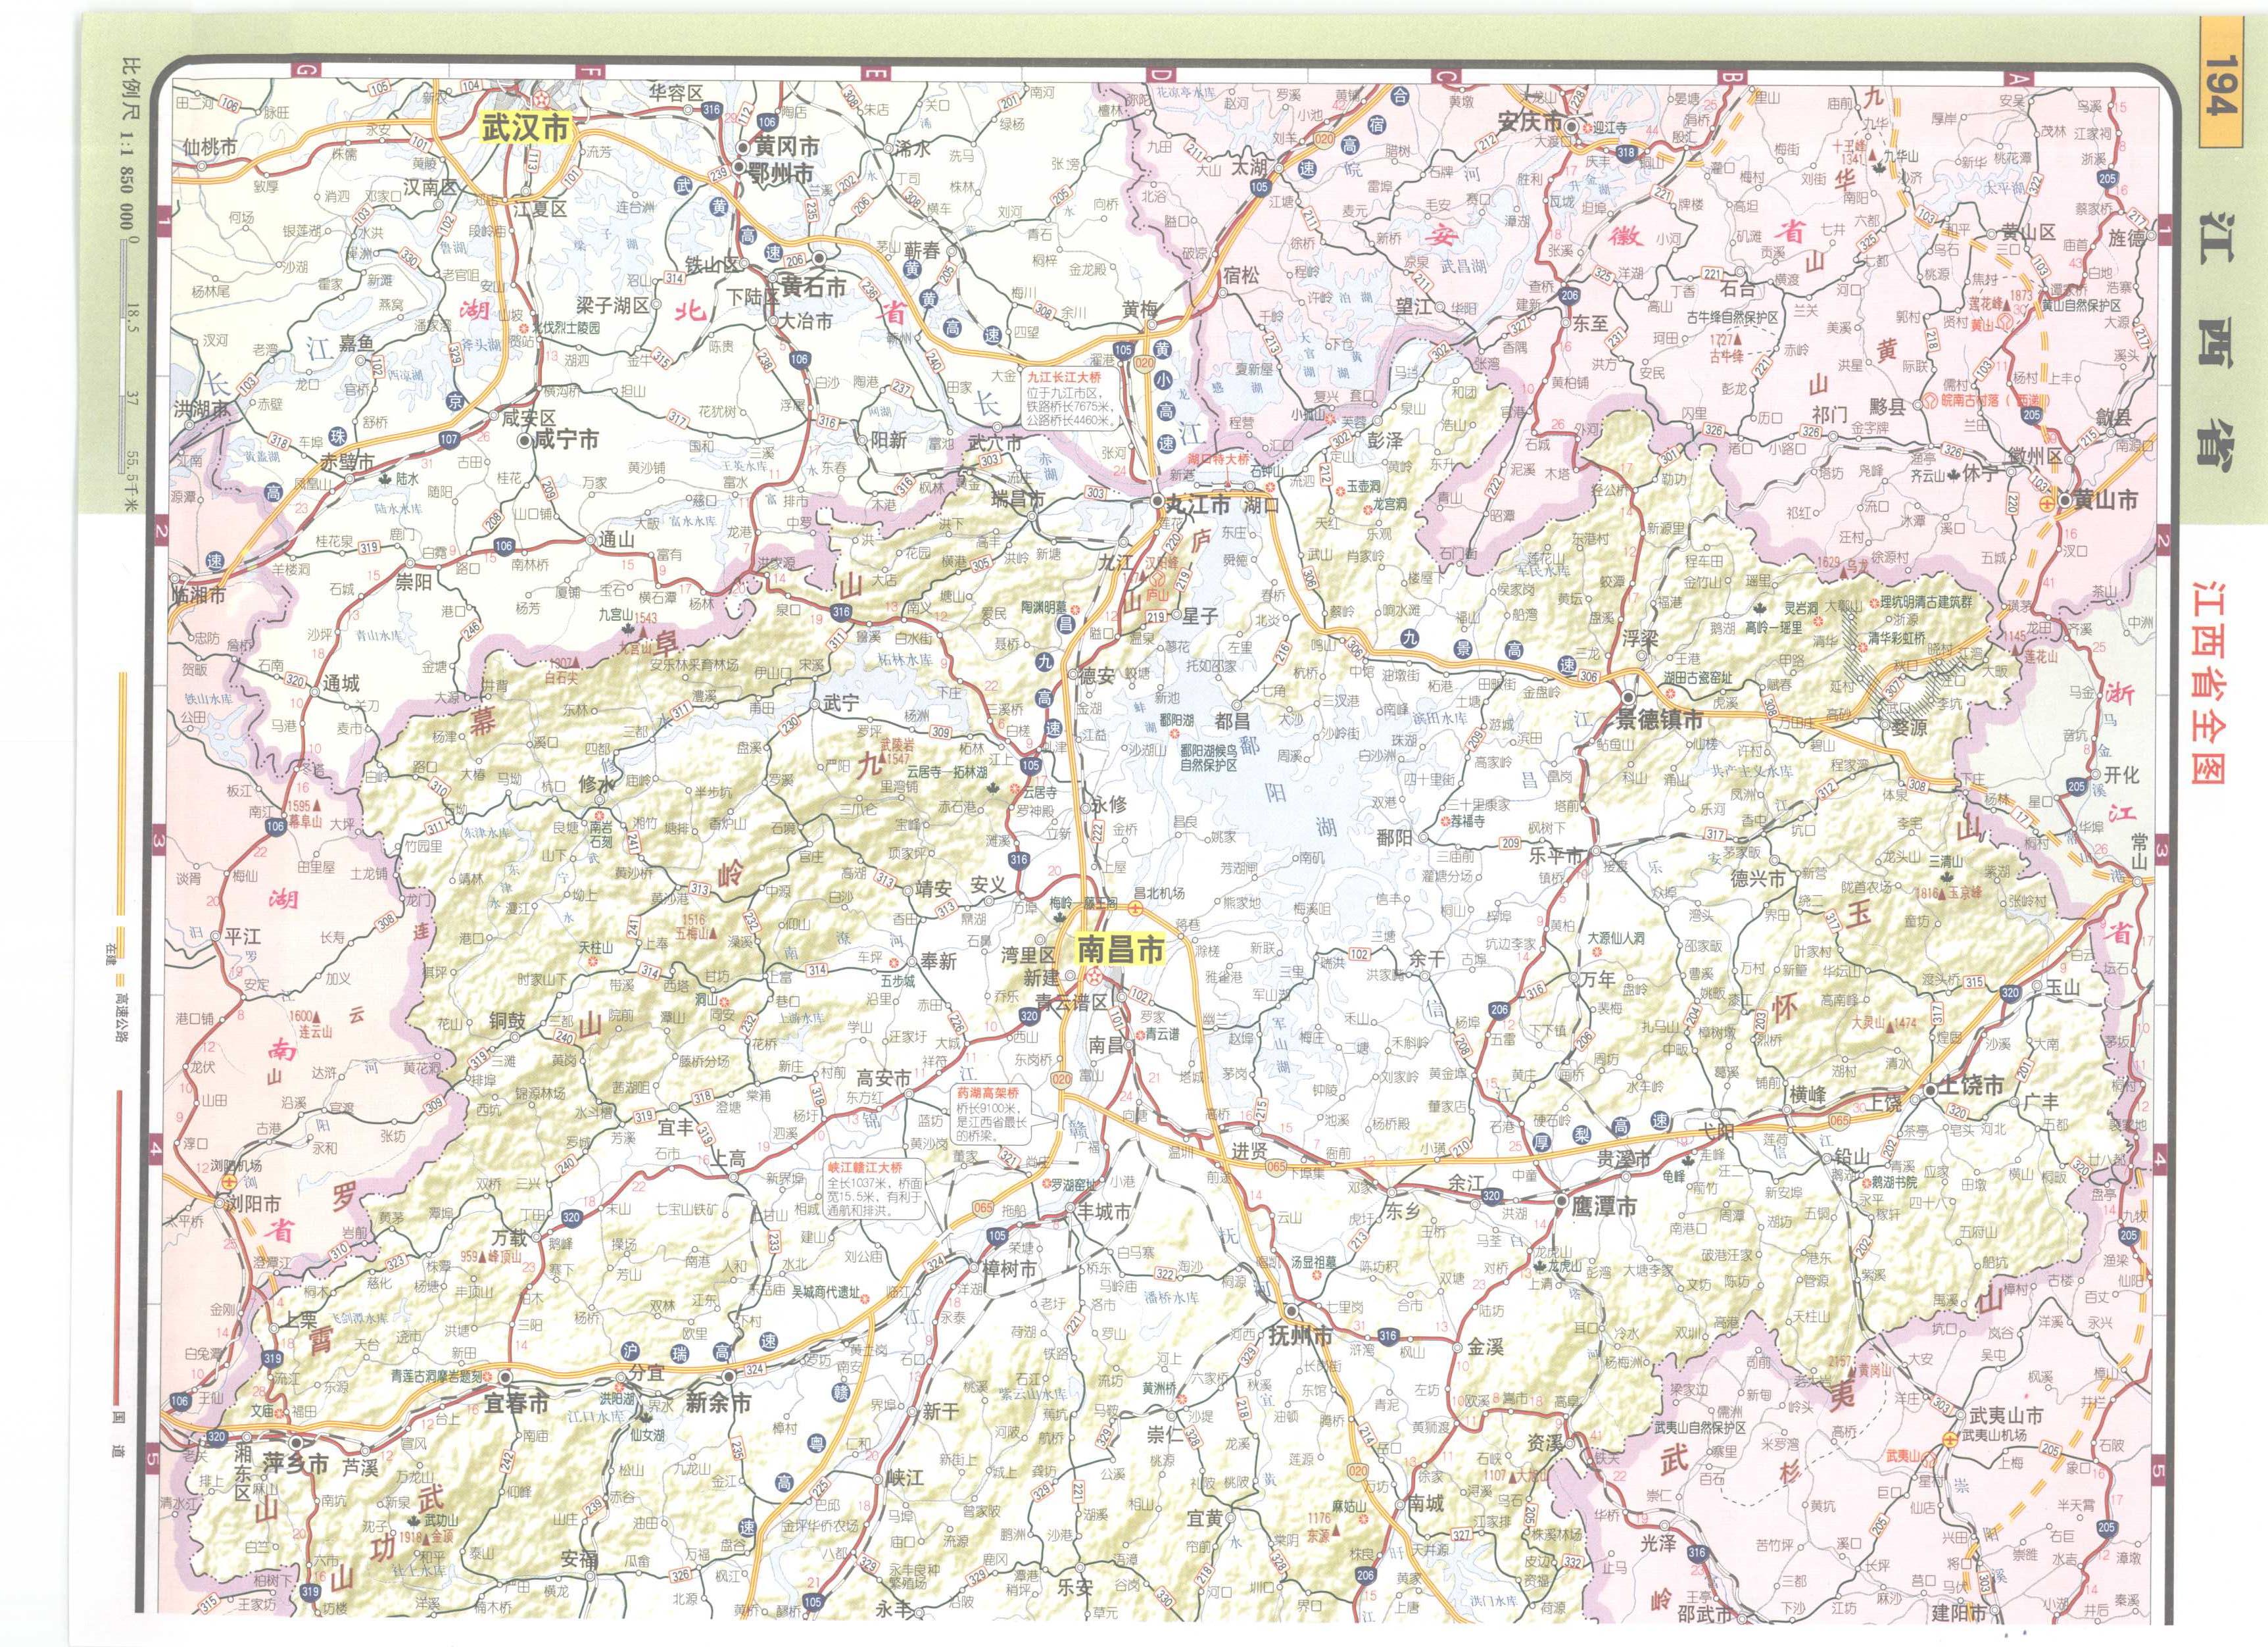 江西省高速公路网地图